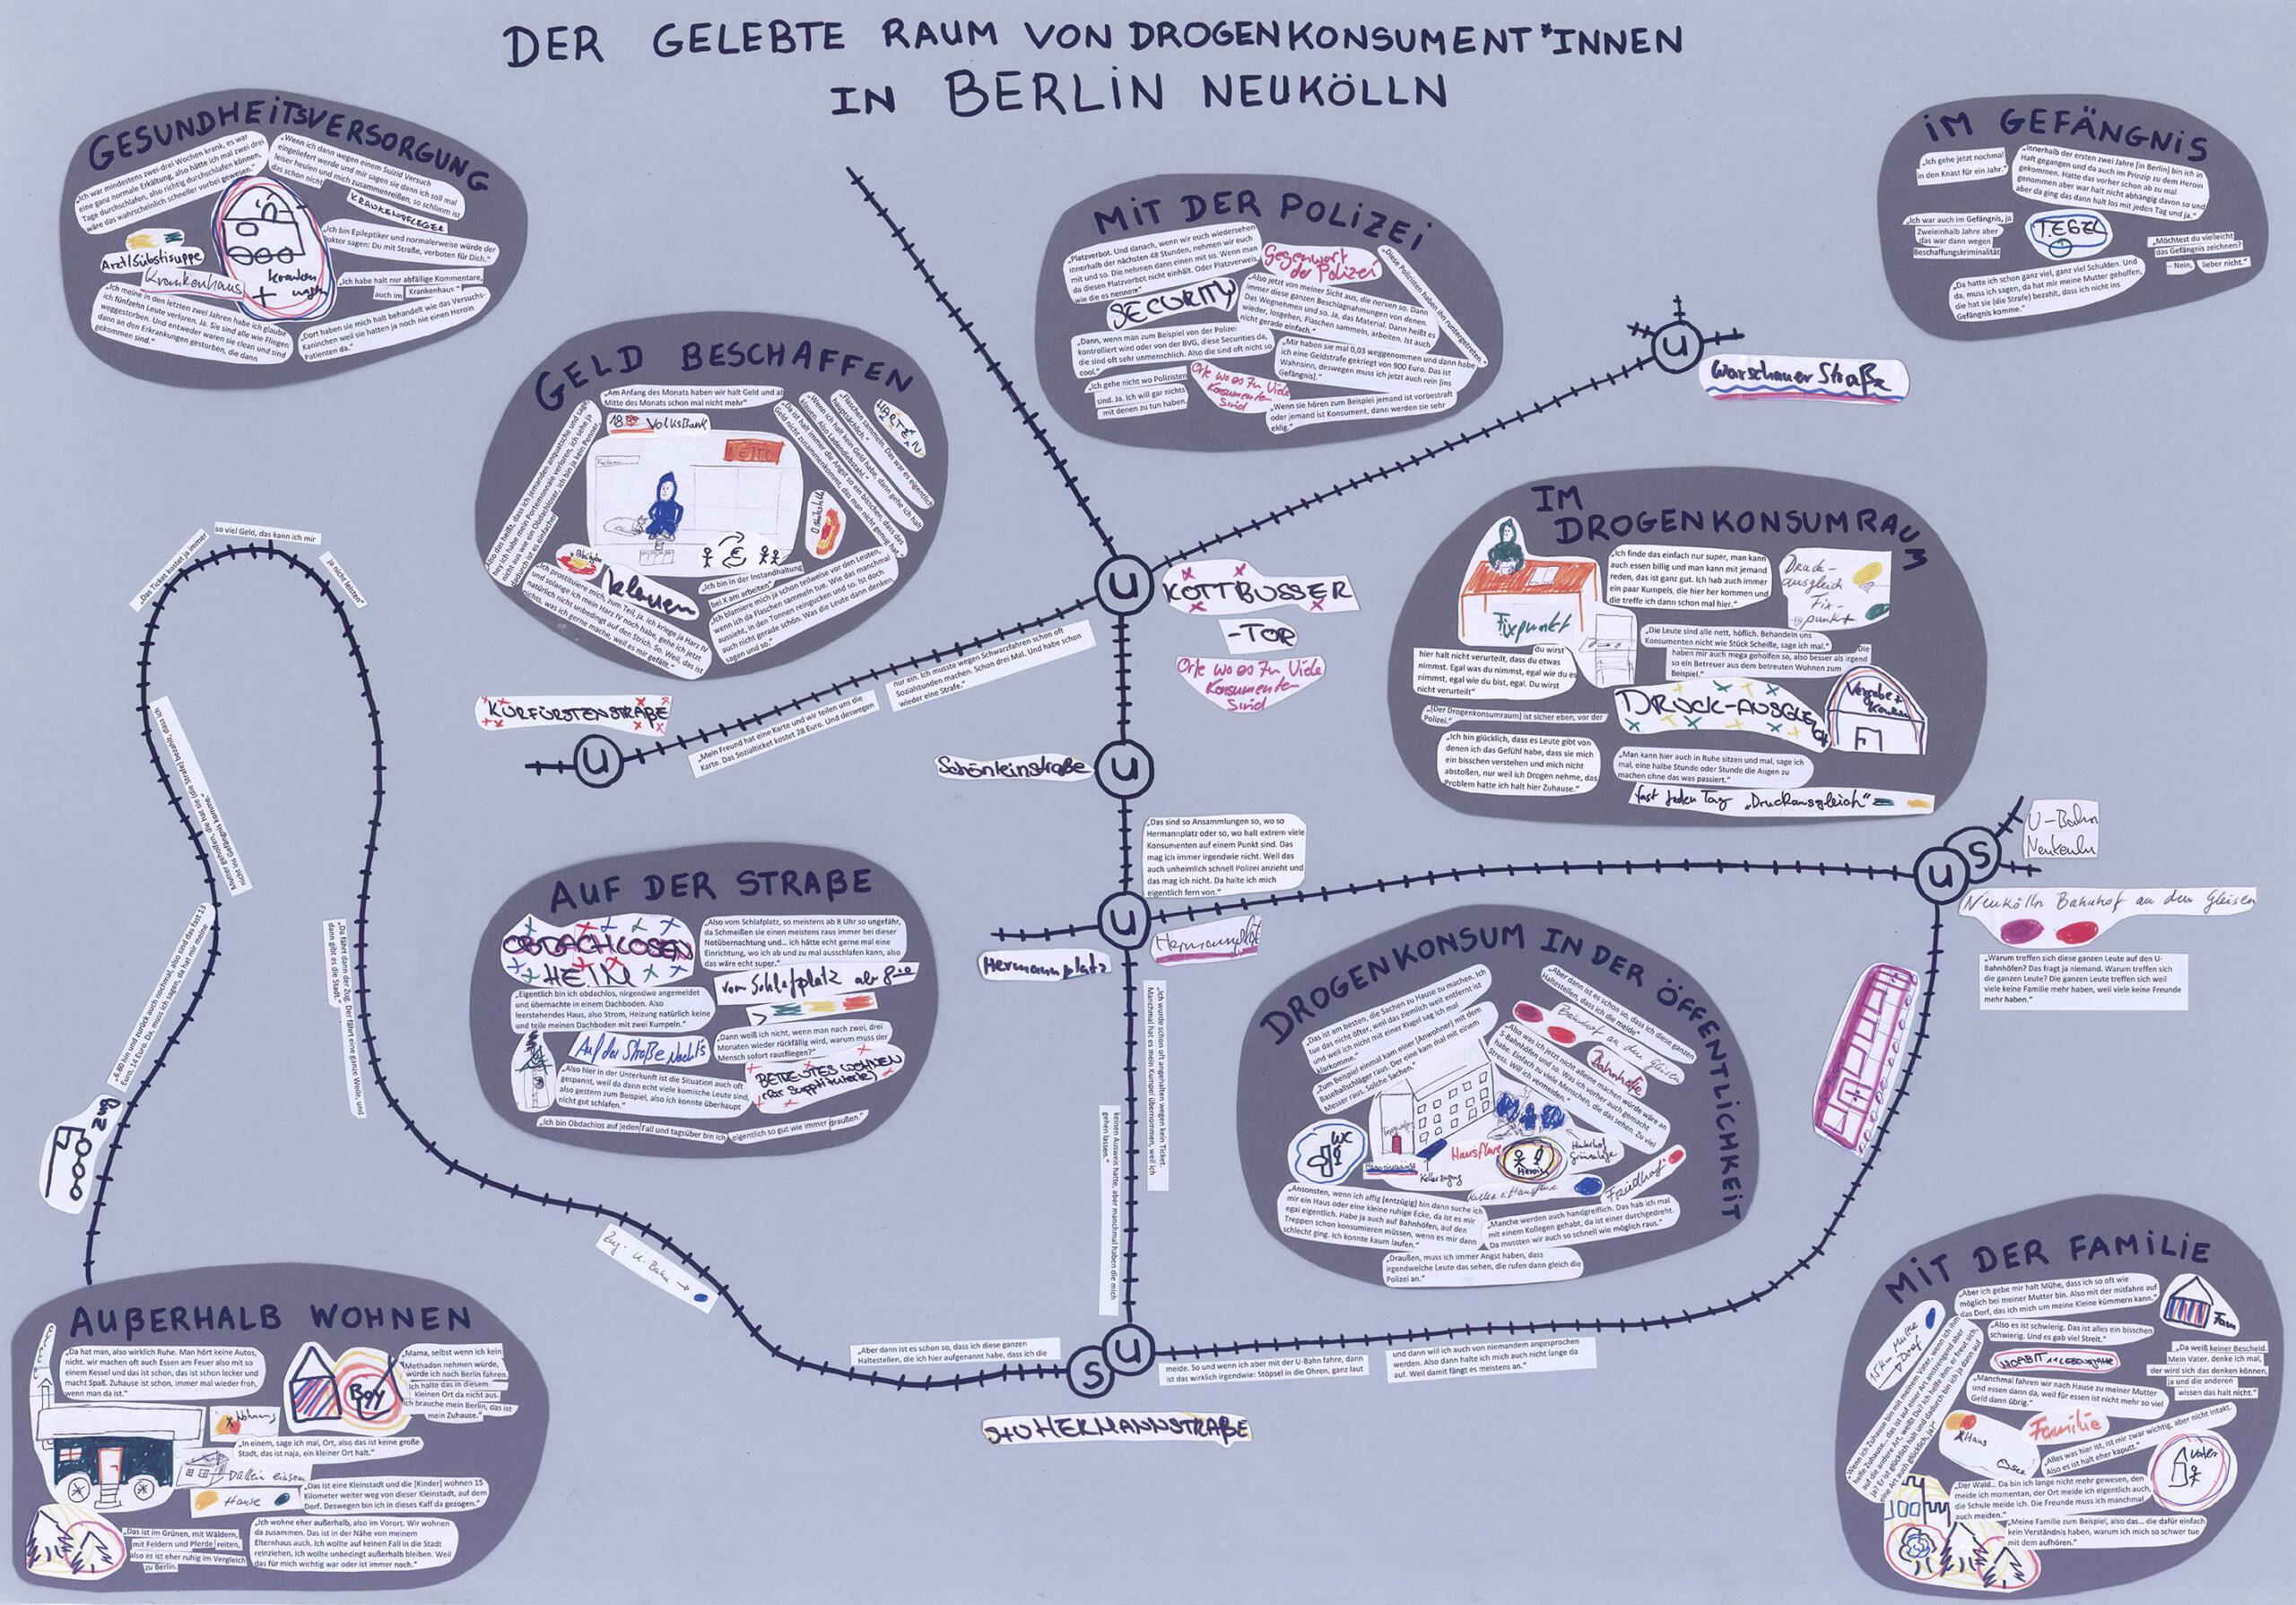 Der gelebte Raum von Drogenkonsument*innen in Berlin Nord-Neukölln